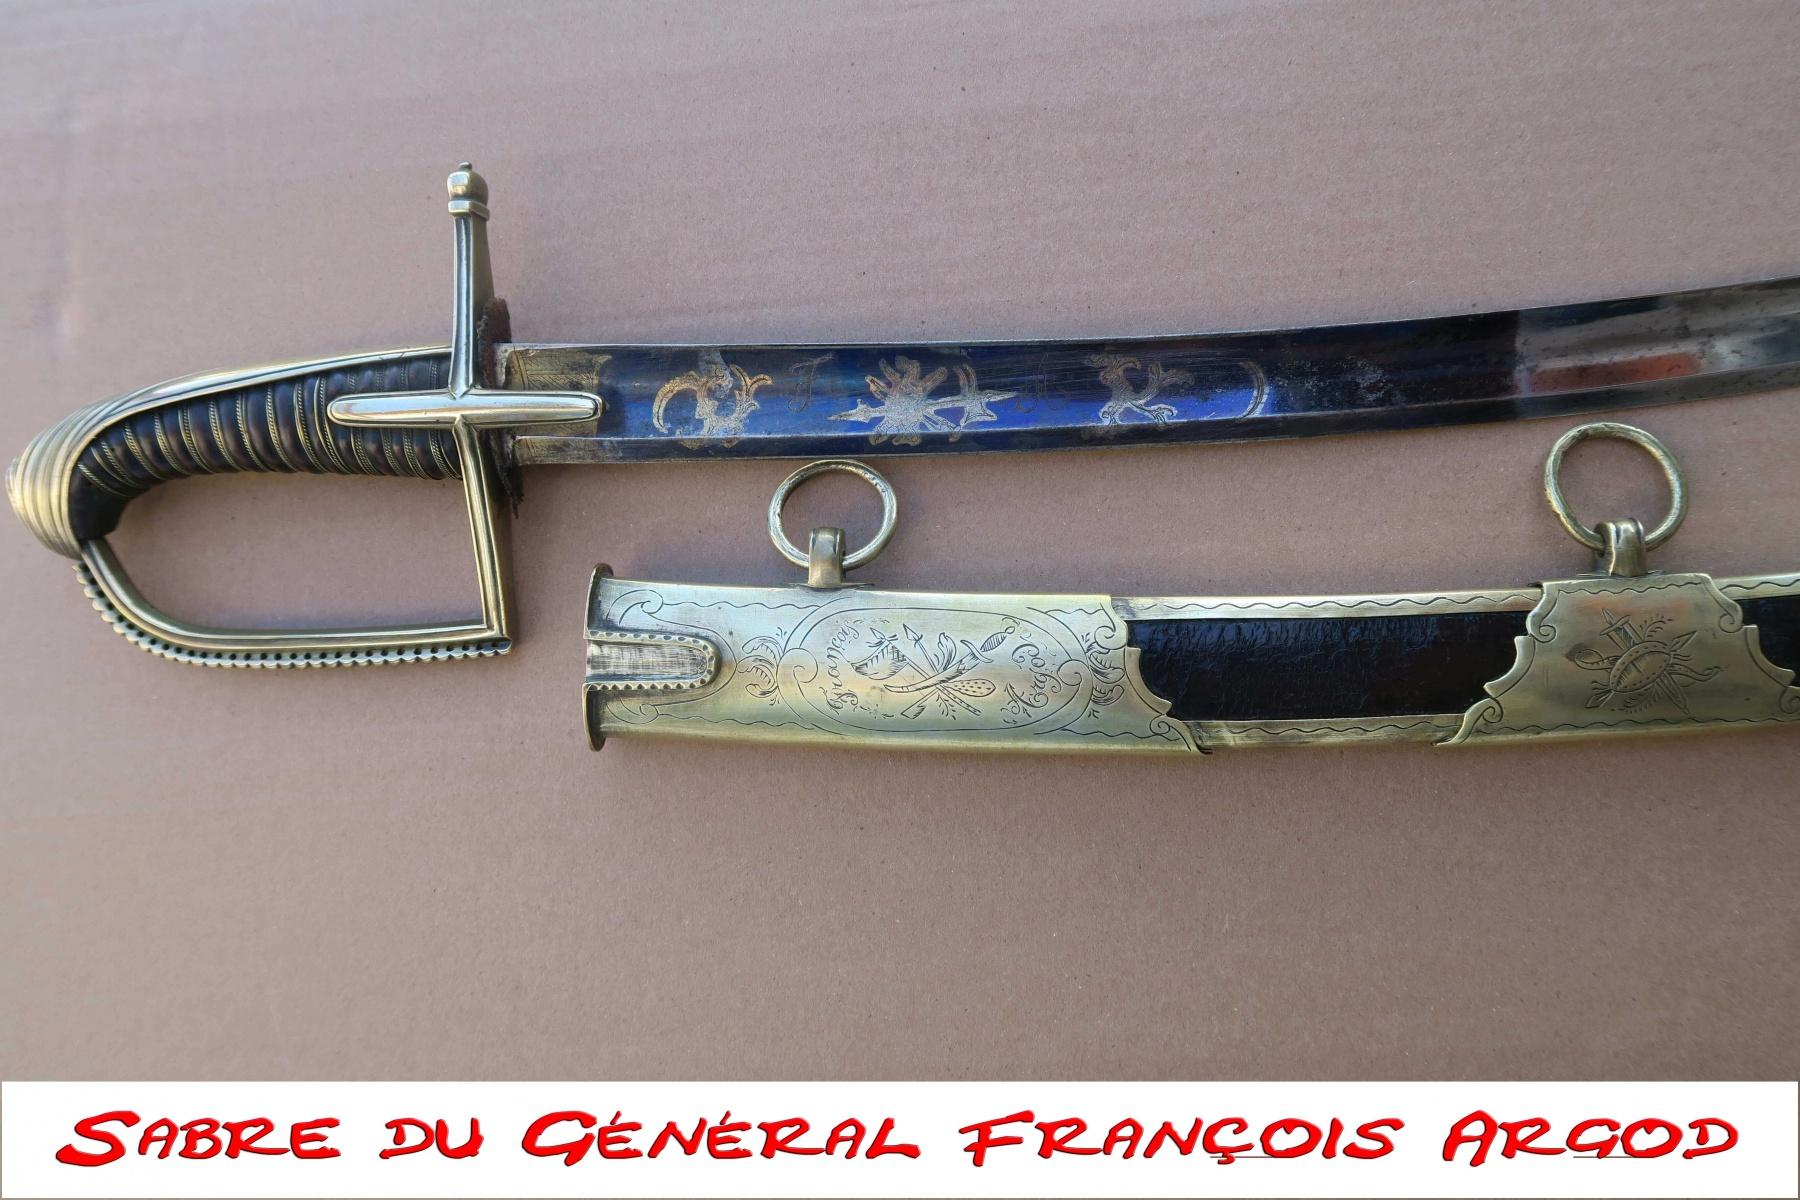 Sabre-du-General-Francois-Argod